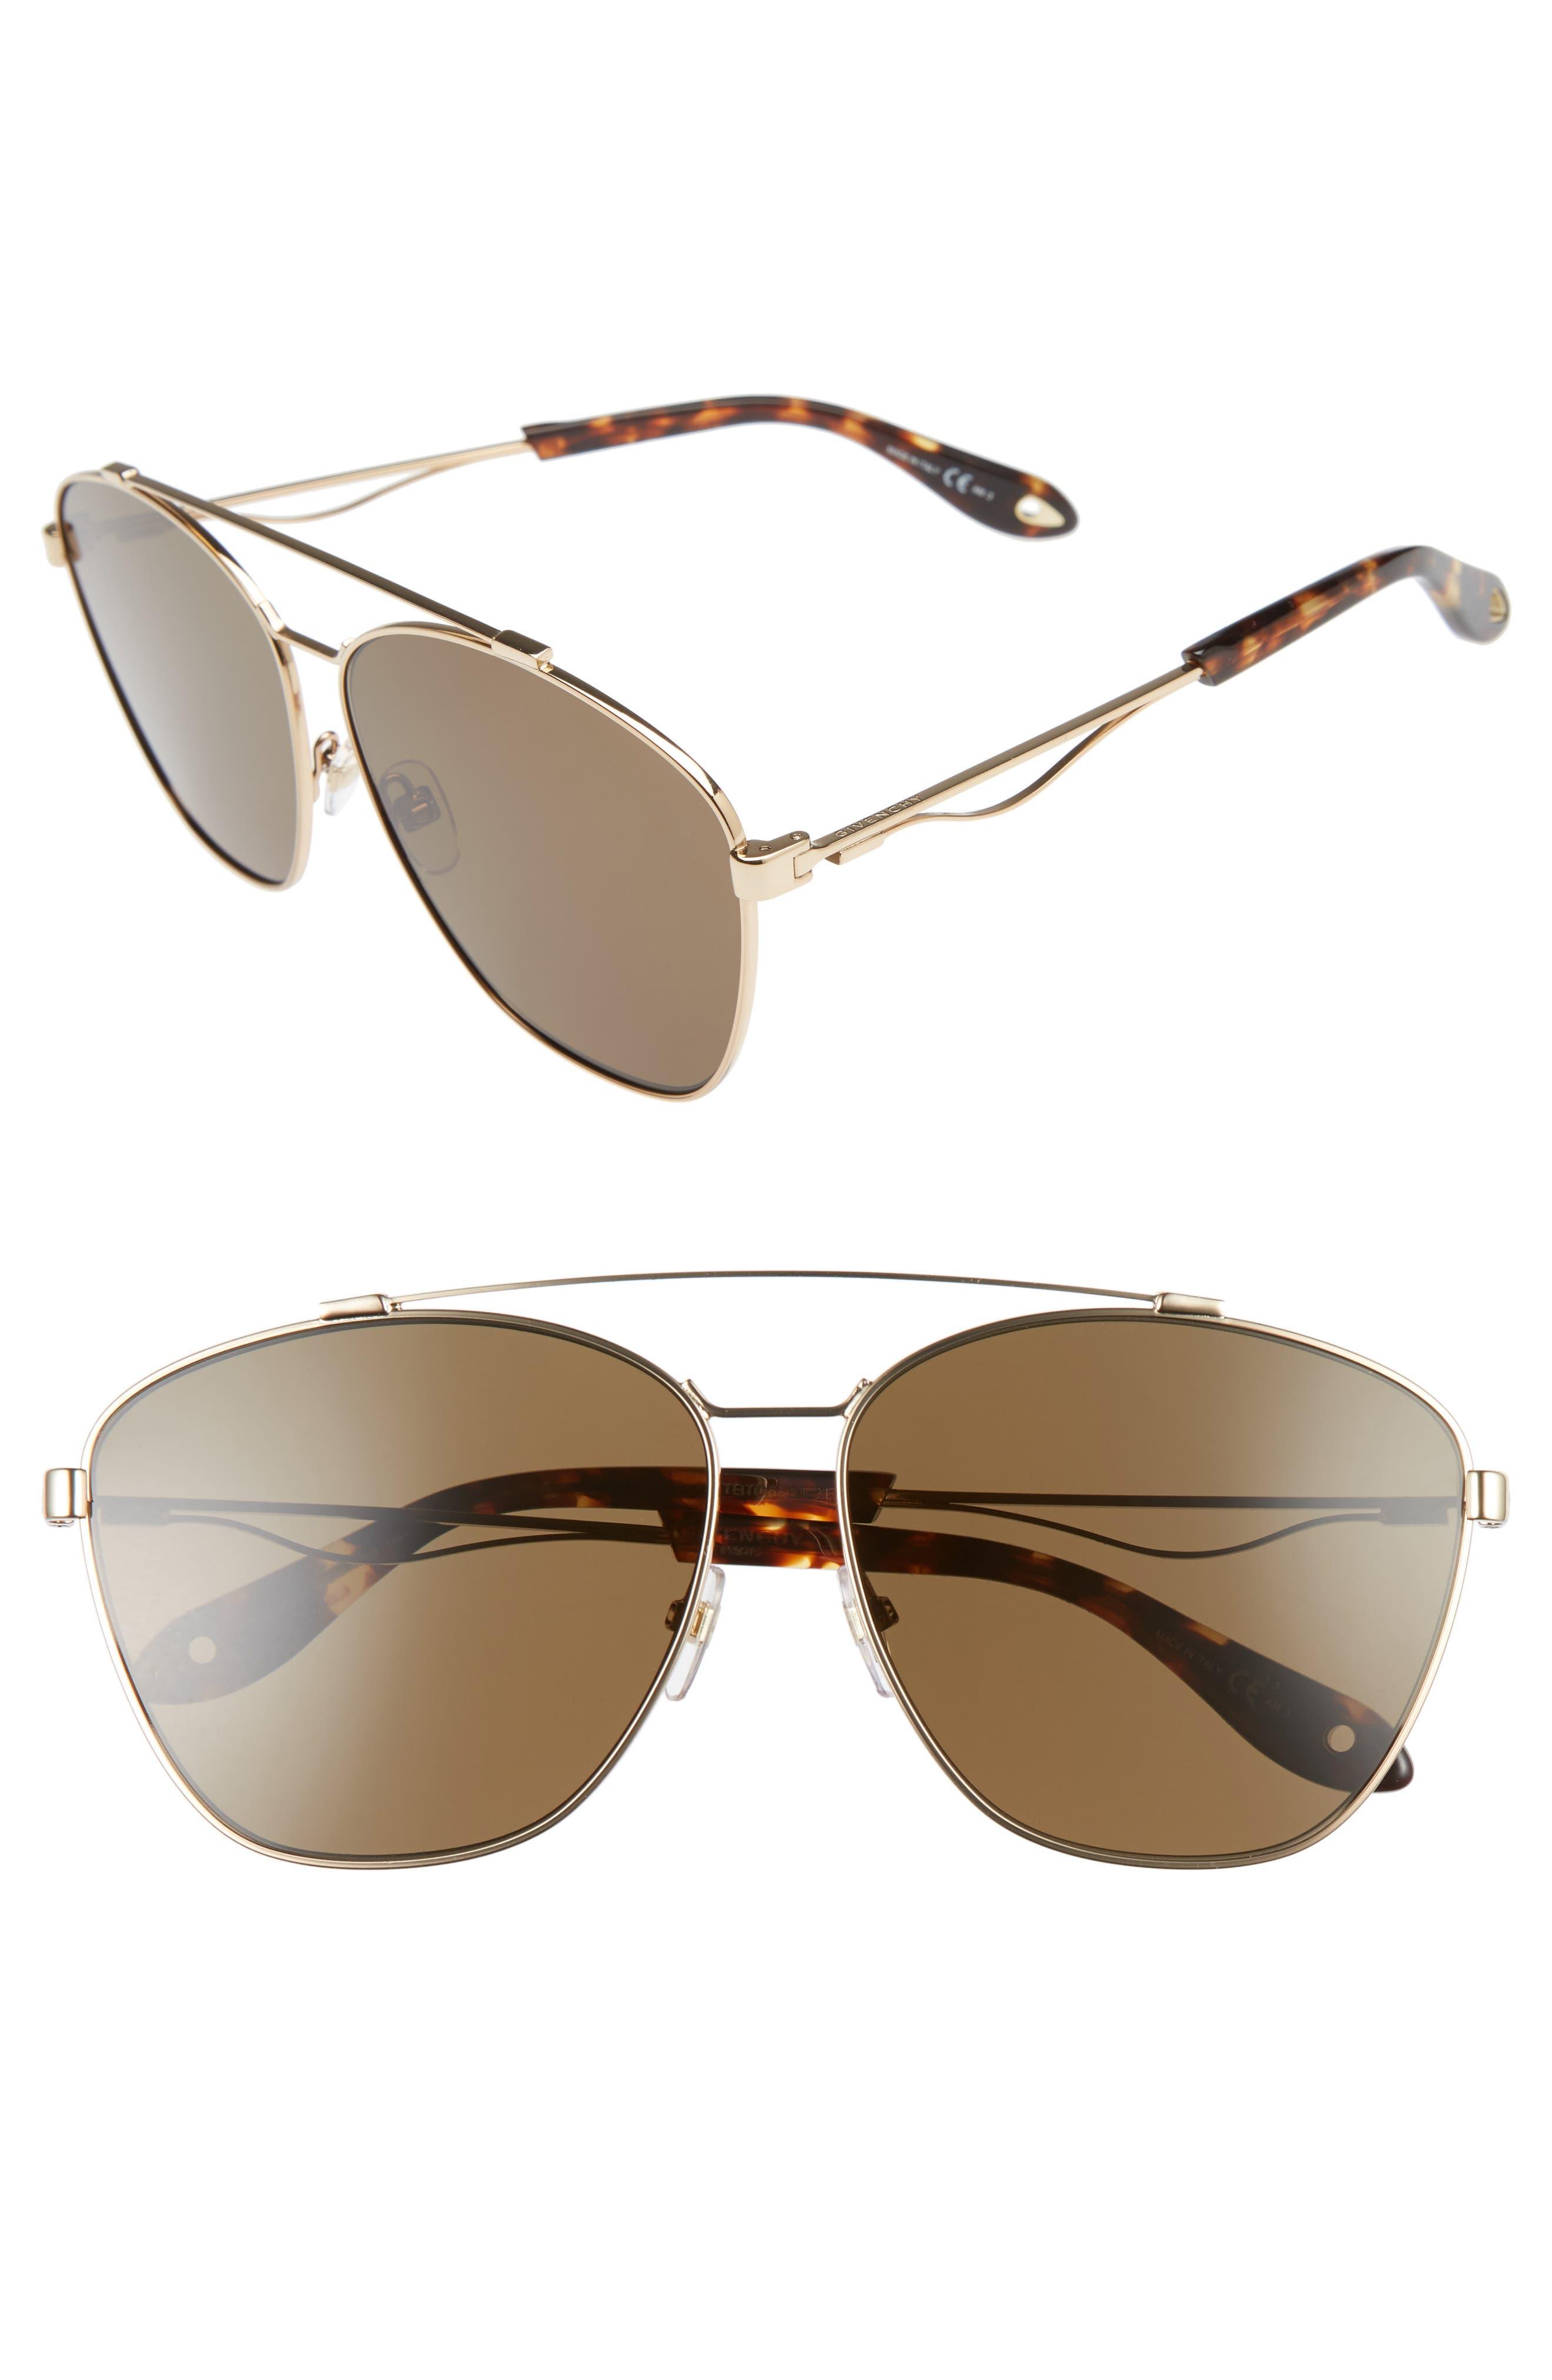 Main Image - Givenchy 65mm Navigator Sunglasses